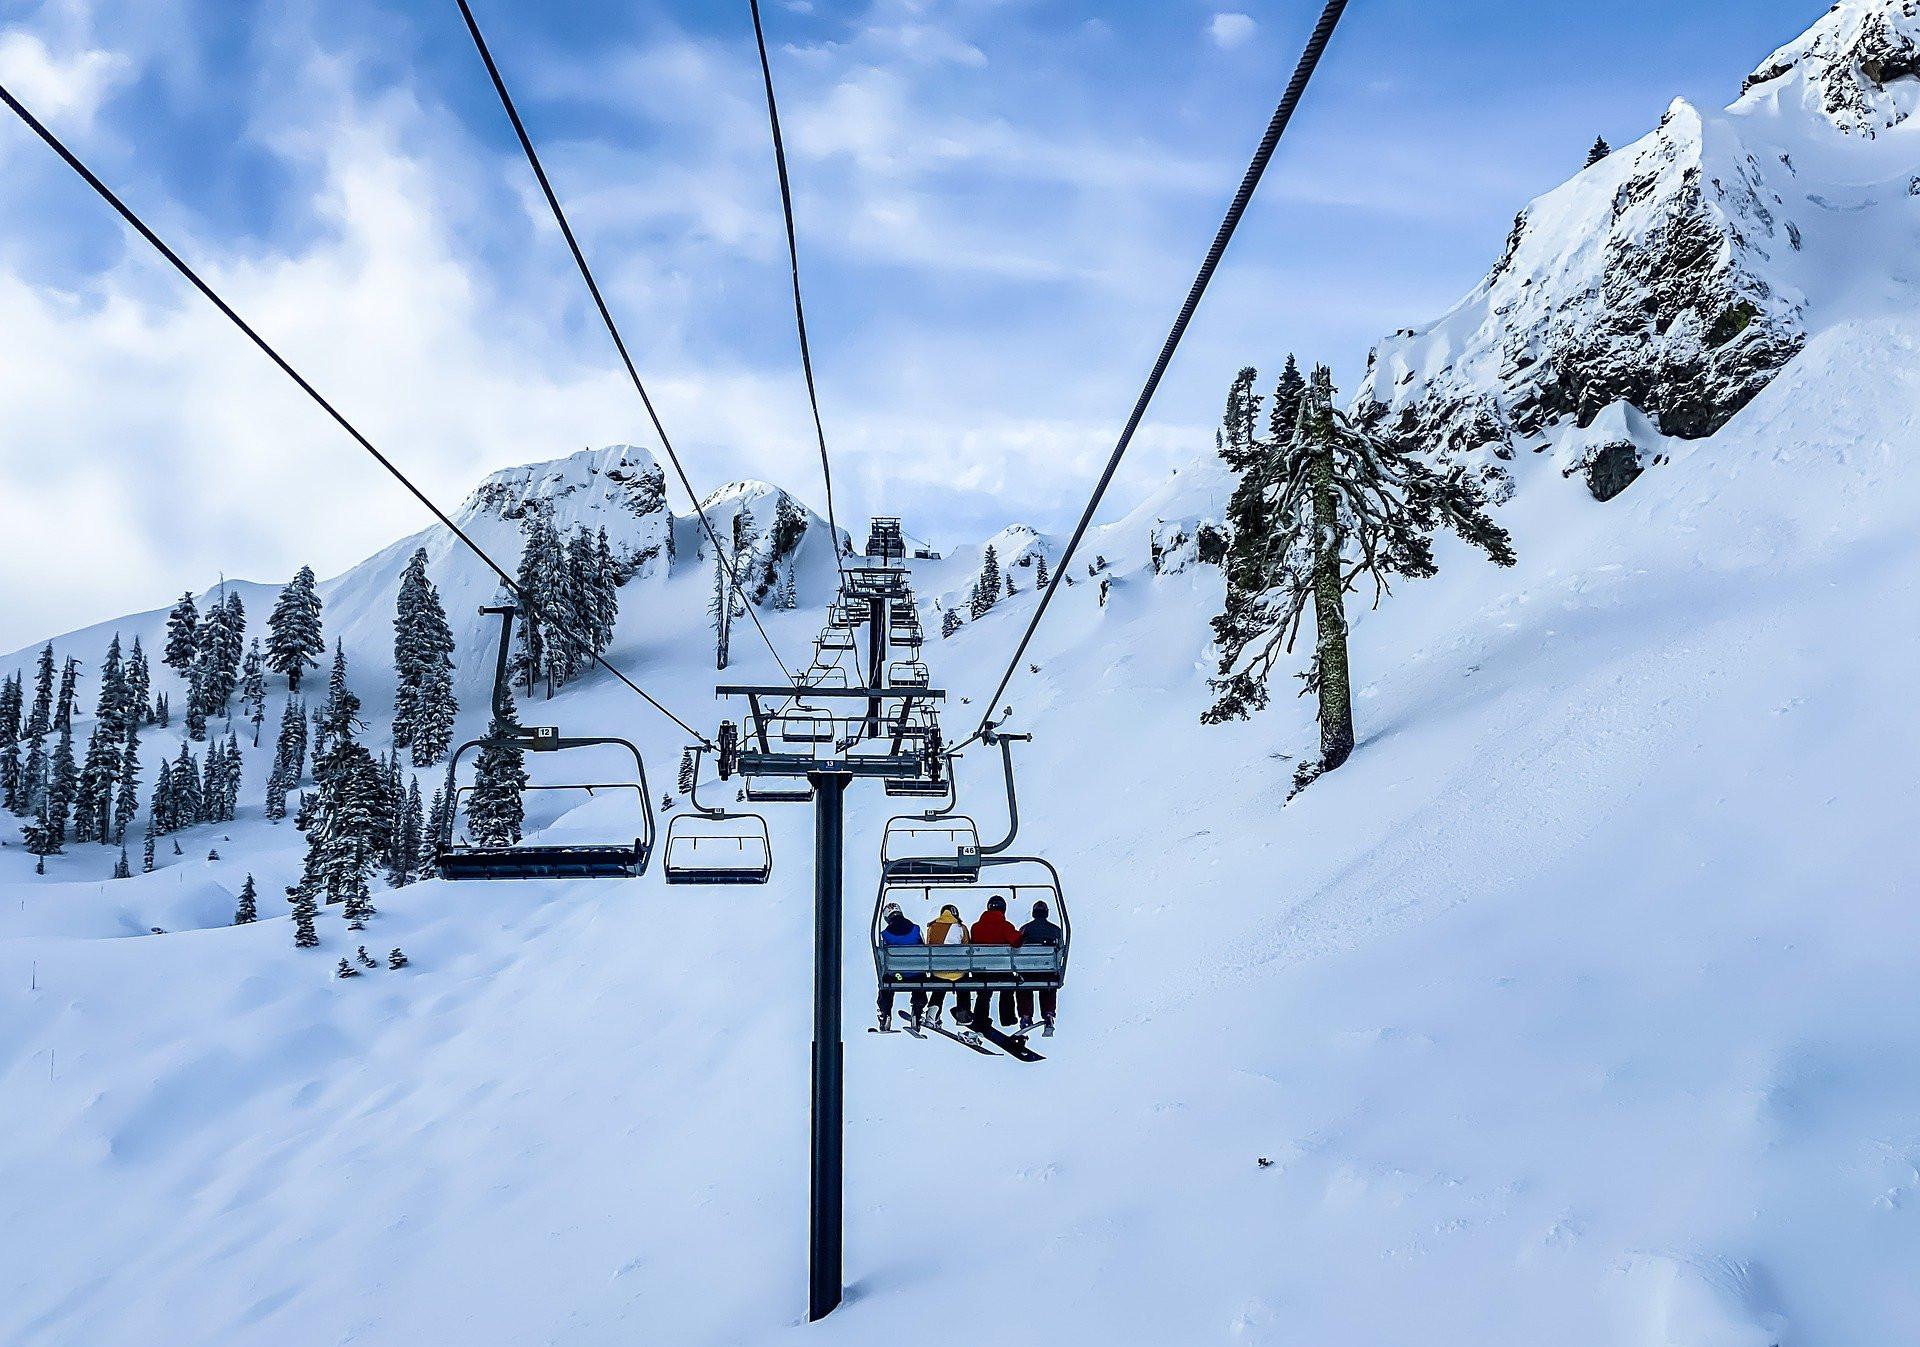 Riapertura piste da sci dal 15 febbraio: sì in zona gialla, no in zona arancione?